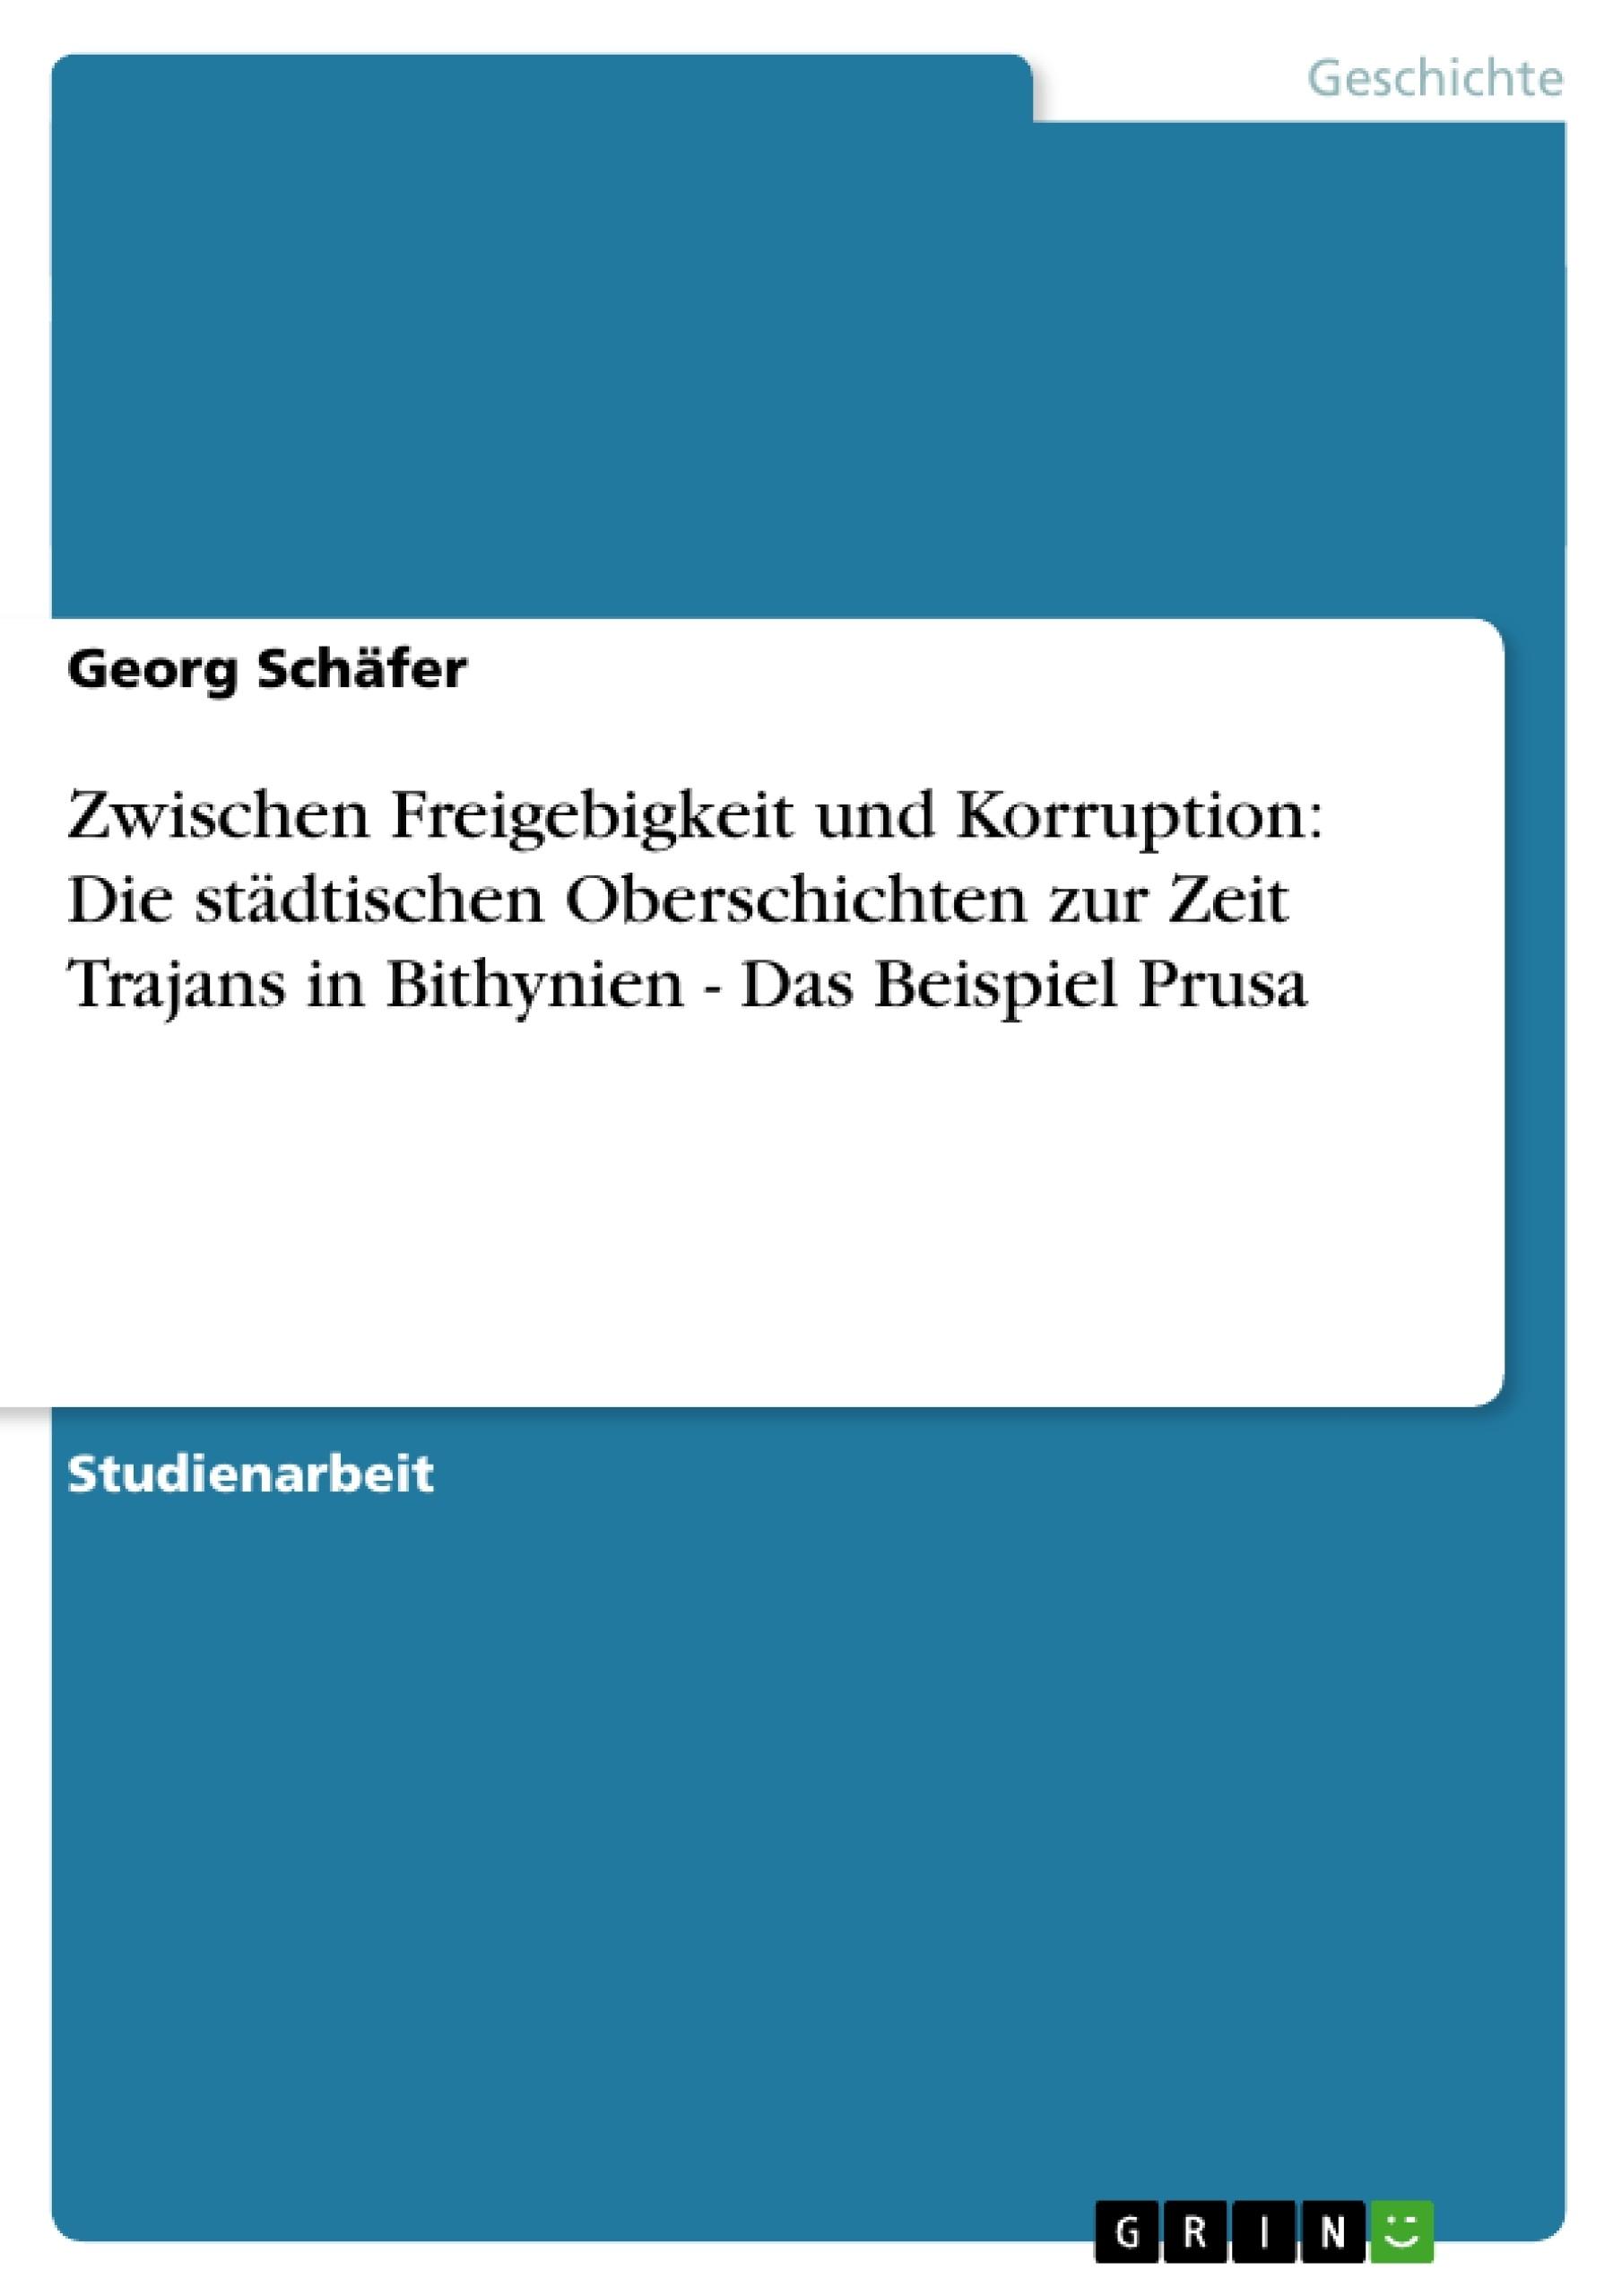 Titel: Zwischen Freigebigkeit und Korruption: Die städtischen Oberschichten zur Zeit Trajans in Bithynien - Das Beispiel Prusa